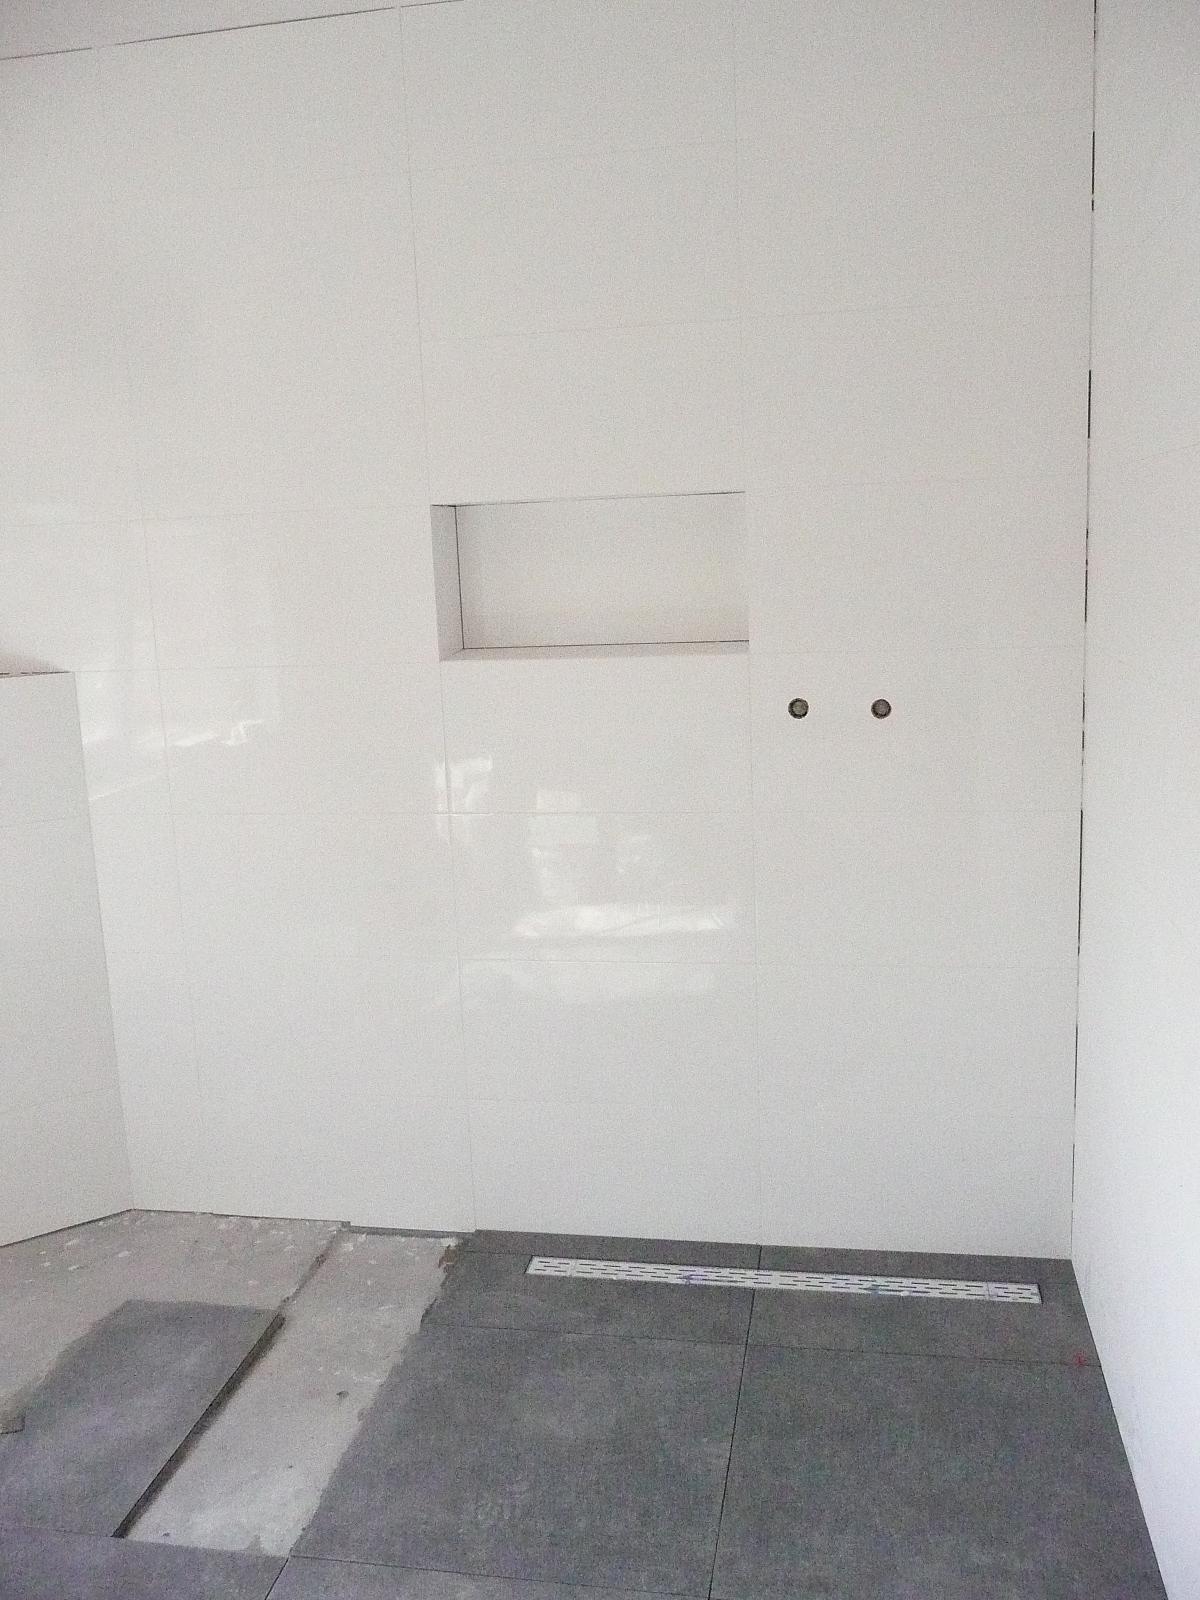 Badkamer verplaatsen - Bouwbedrijf van Loon